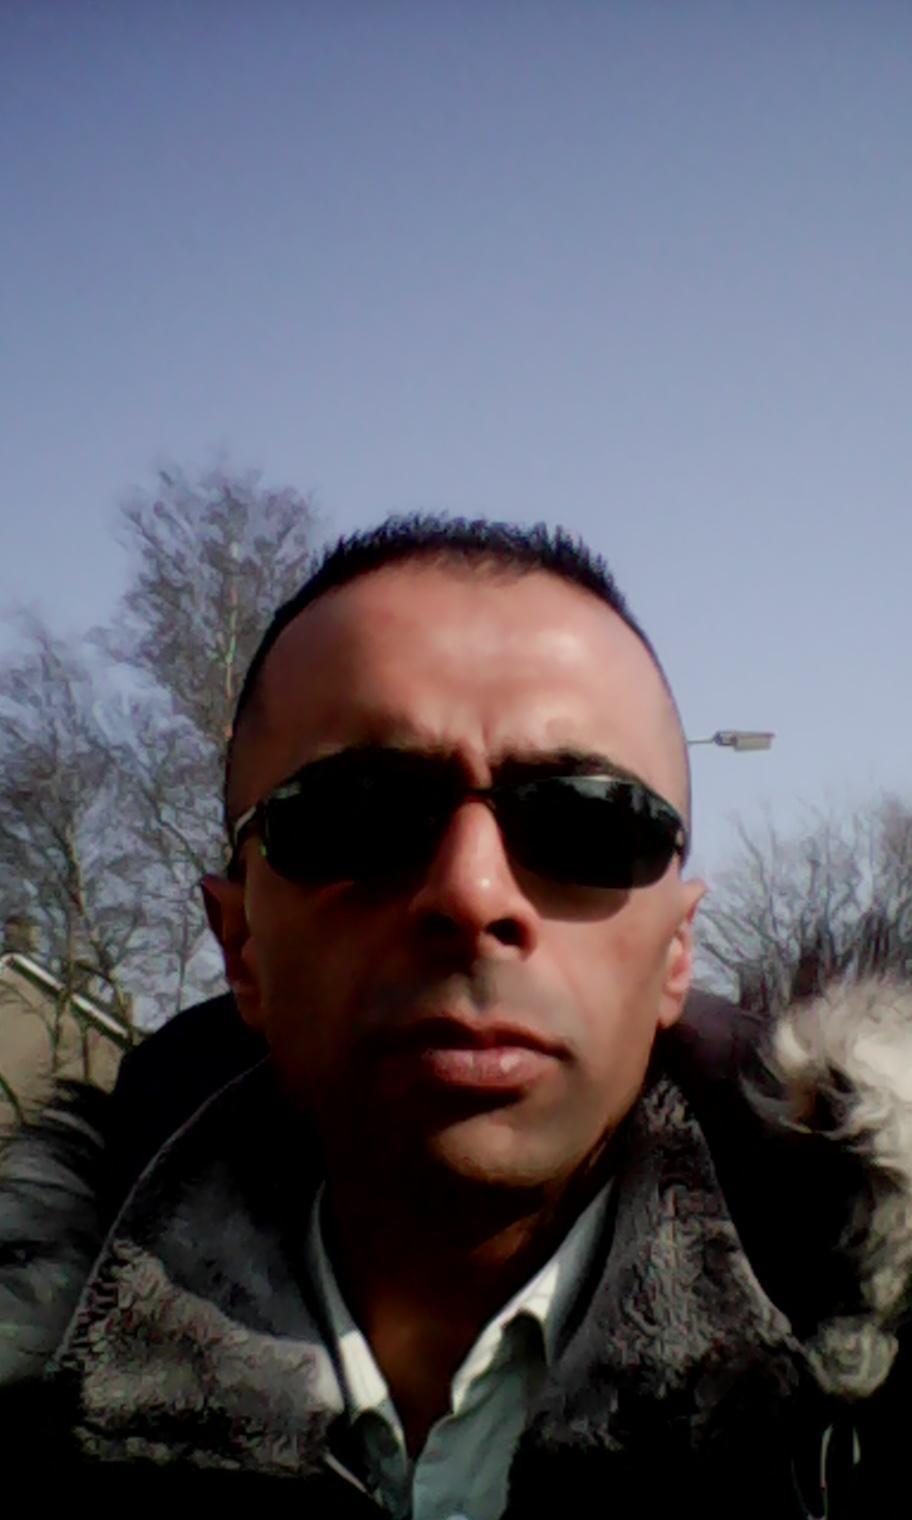 Rewien uit Drenthe,Nederland